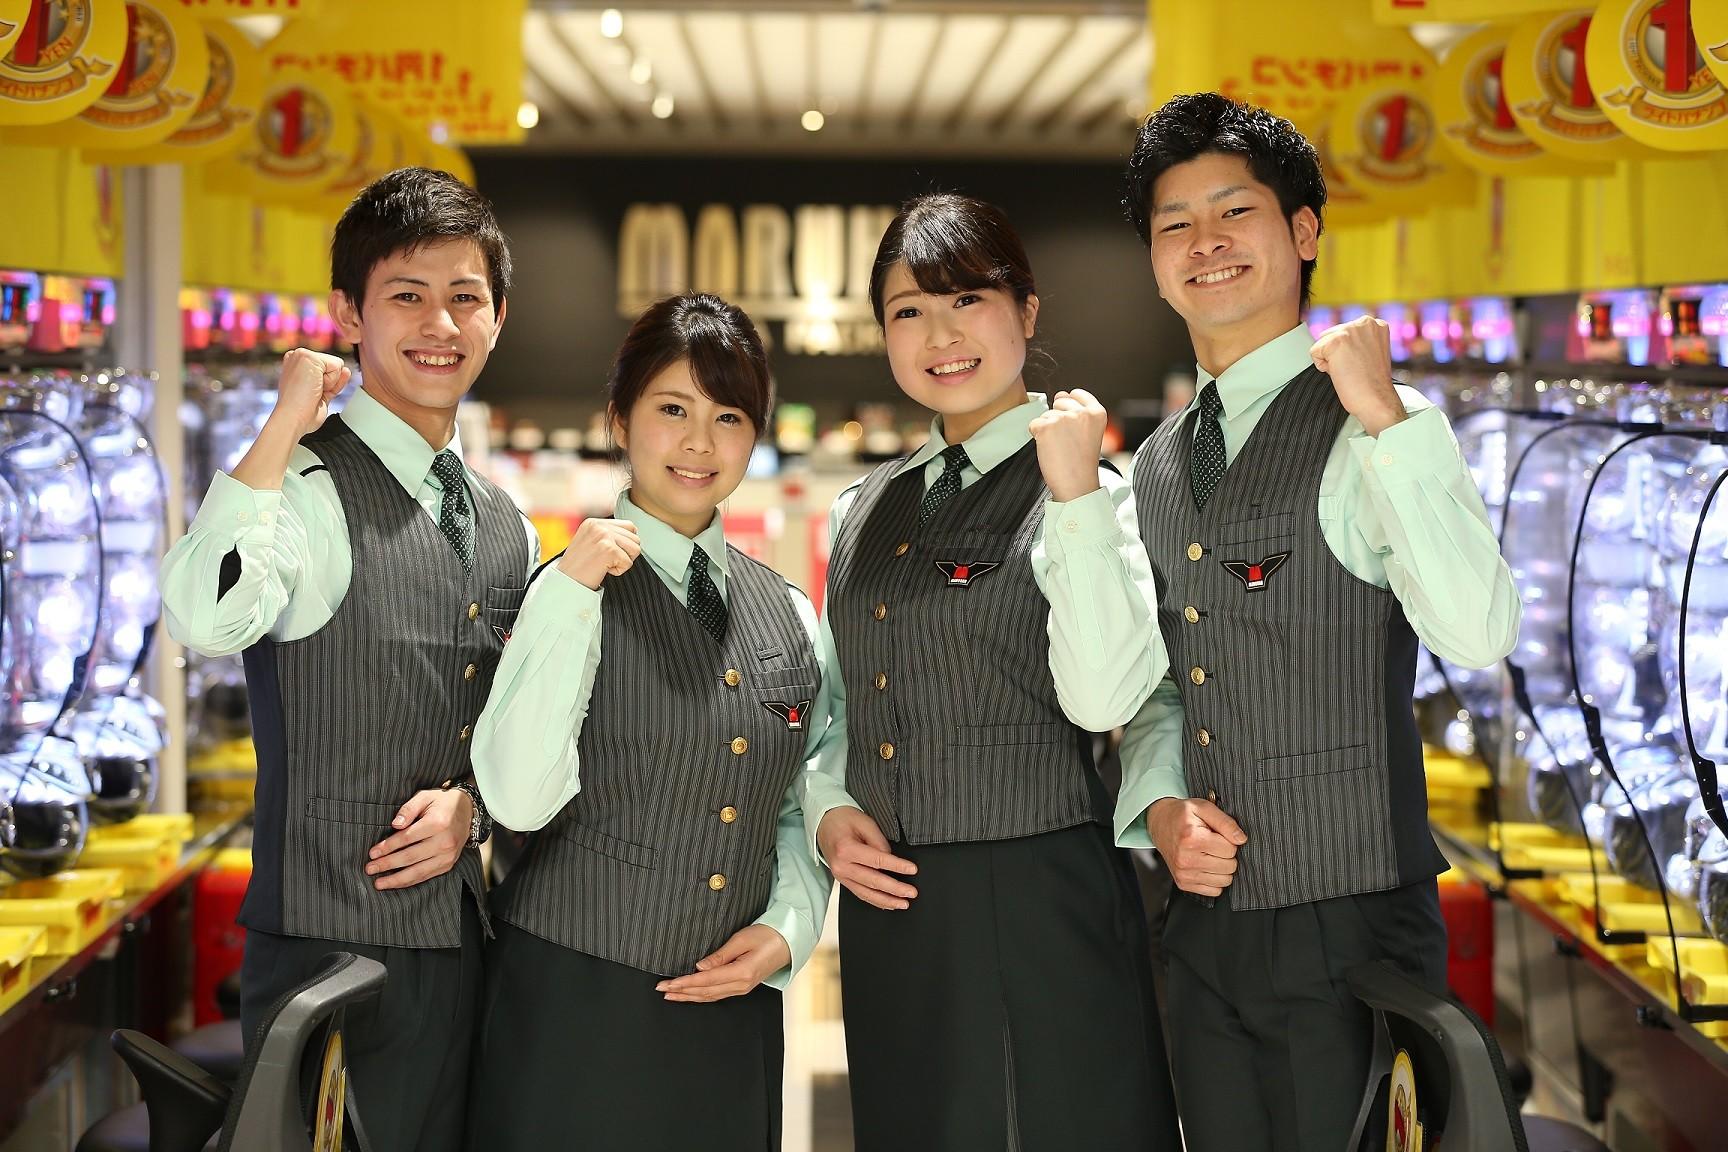 マルハン 津店[2403]のアルバイト情報